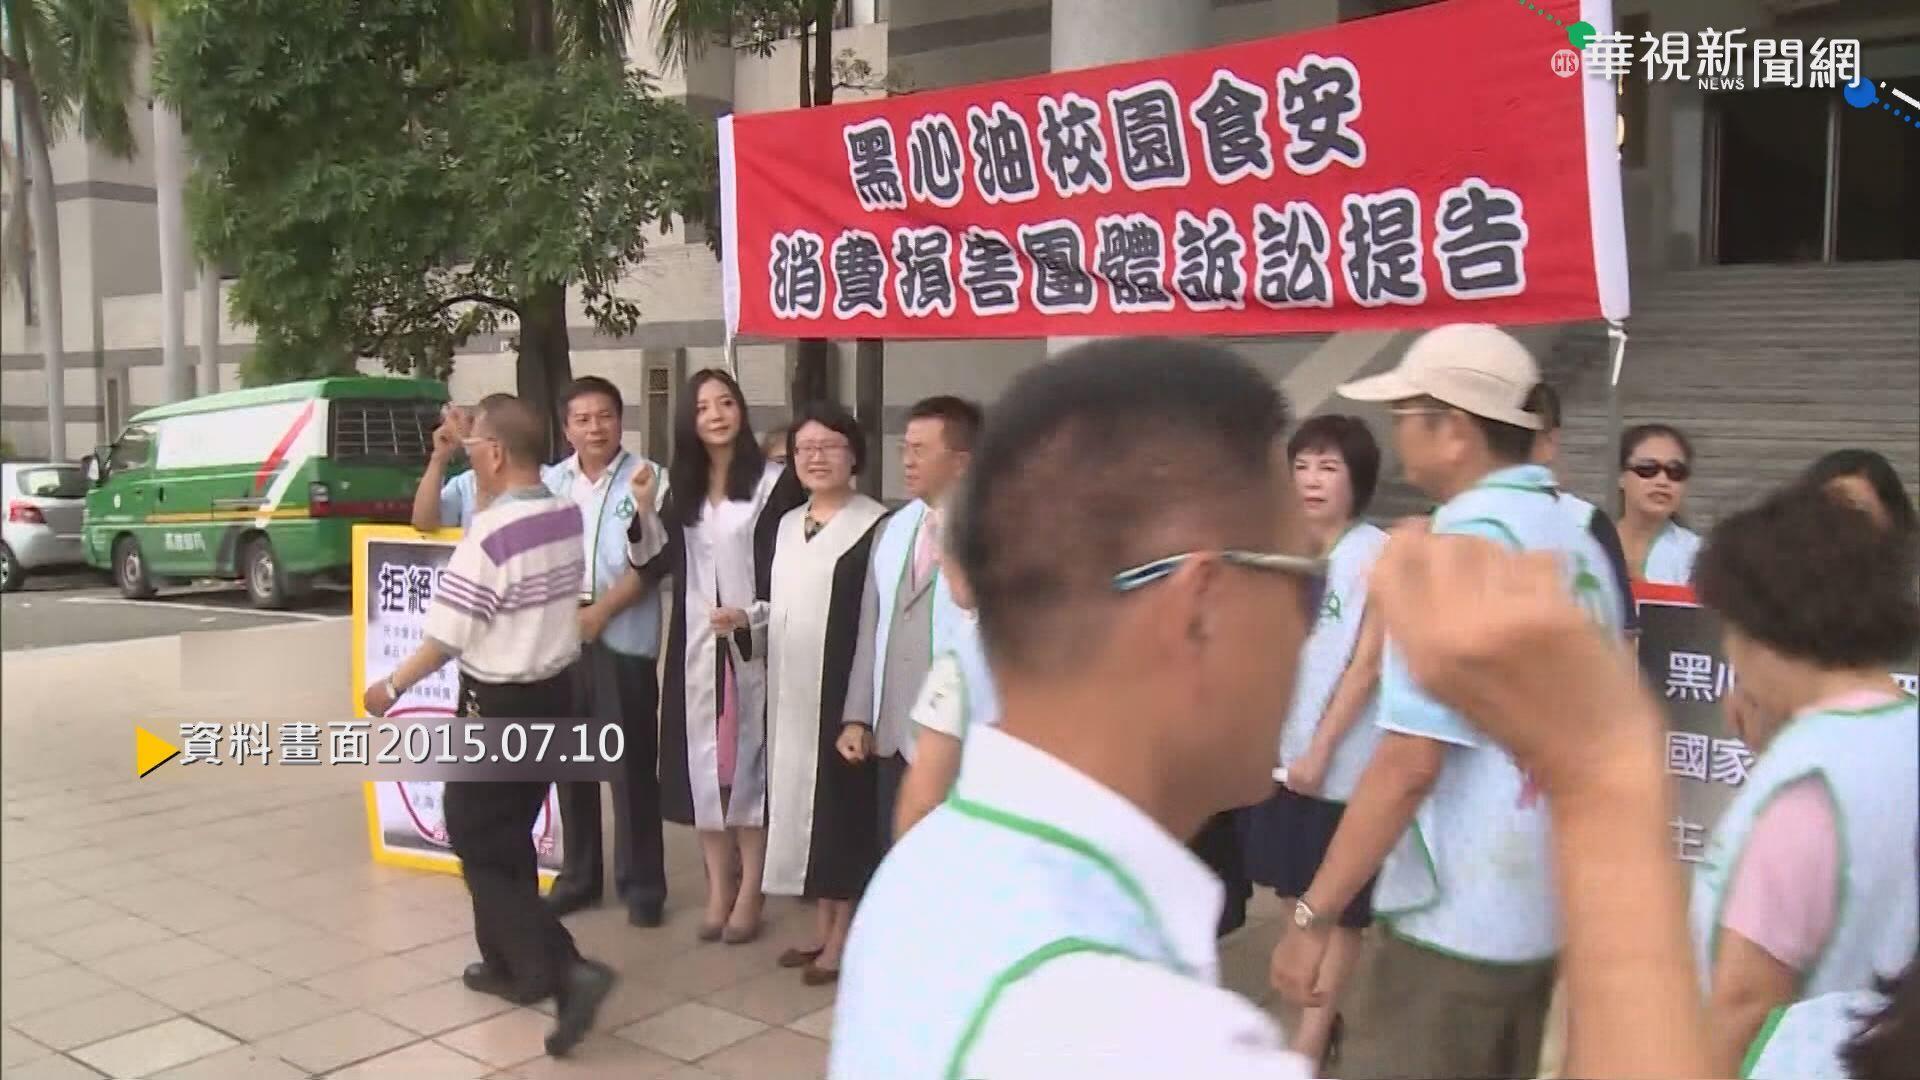 【歷史上的今天】緬甸反對運動領袖翁山蘇姬 重獲自由